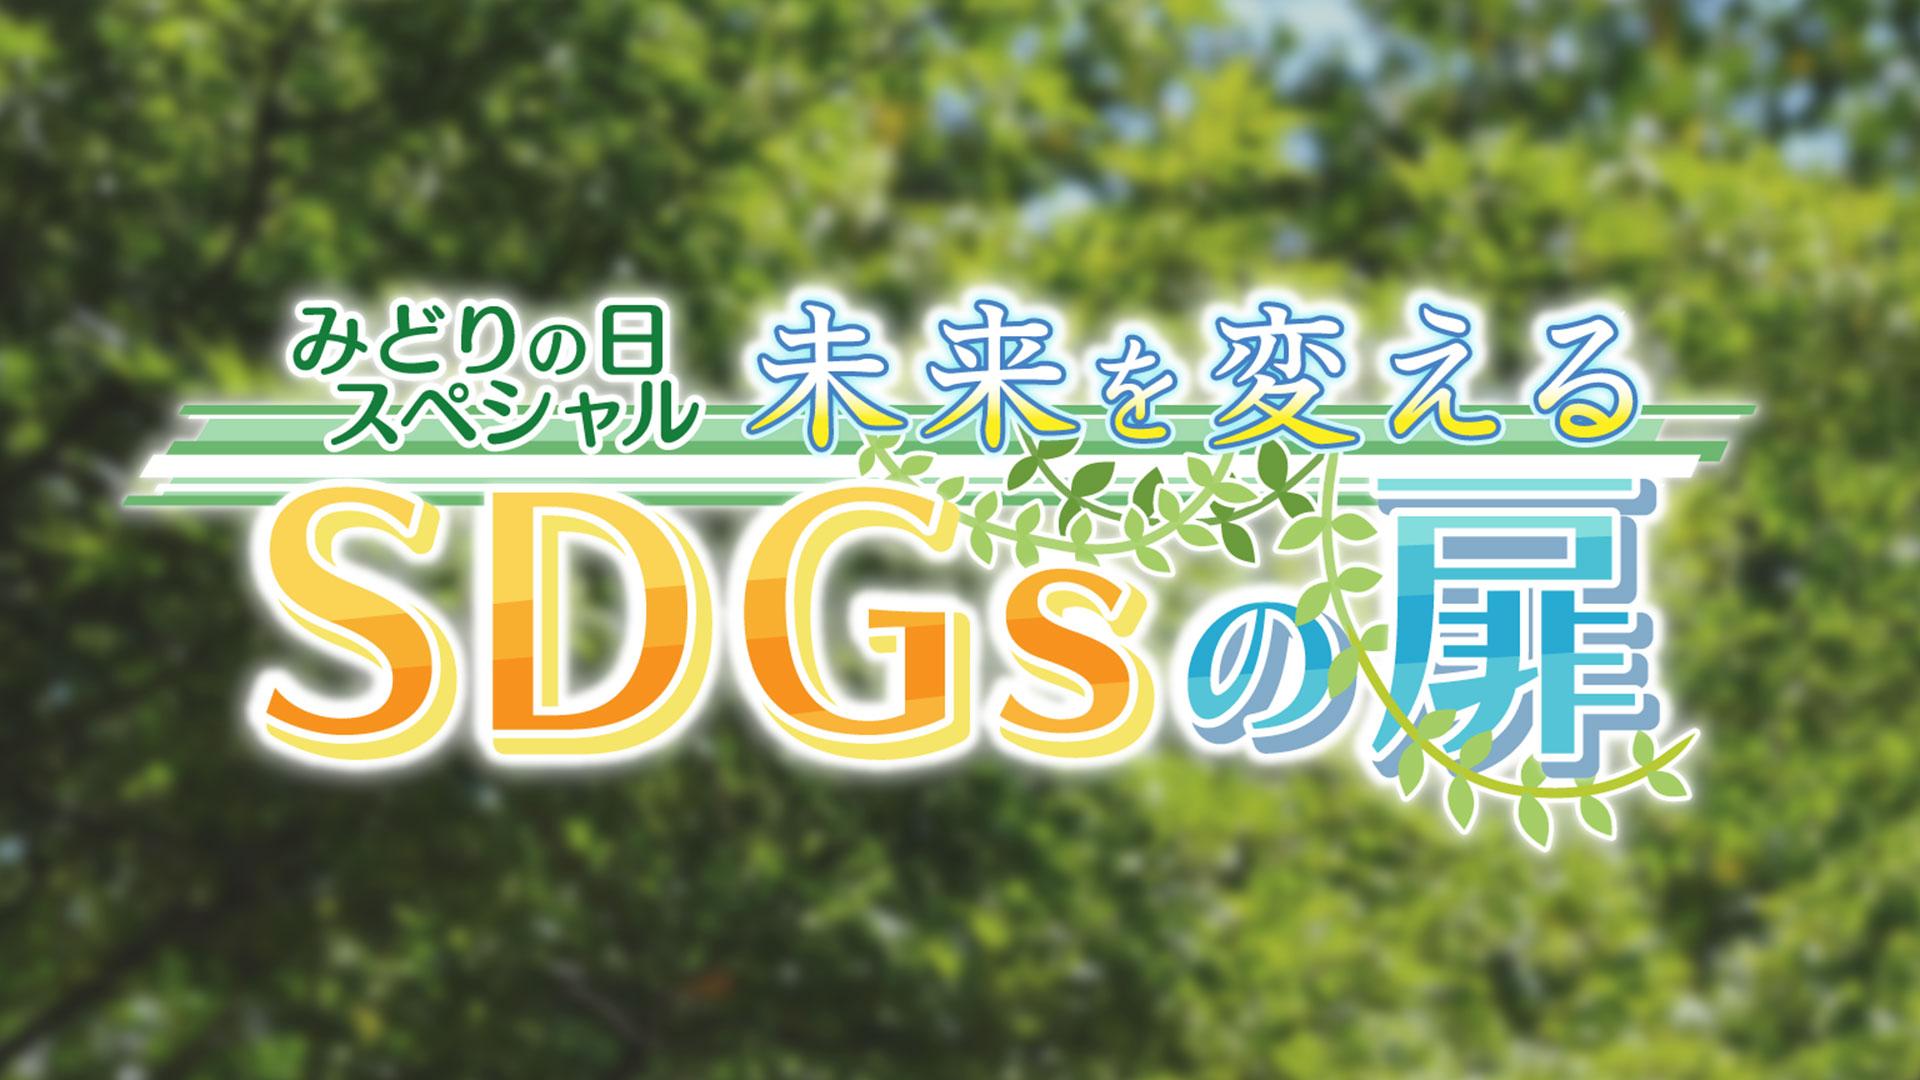 みどりの日スペシャル 未来を変えるSDGsの扉